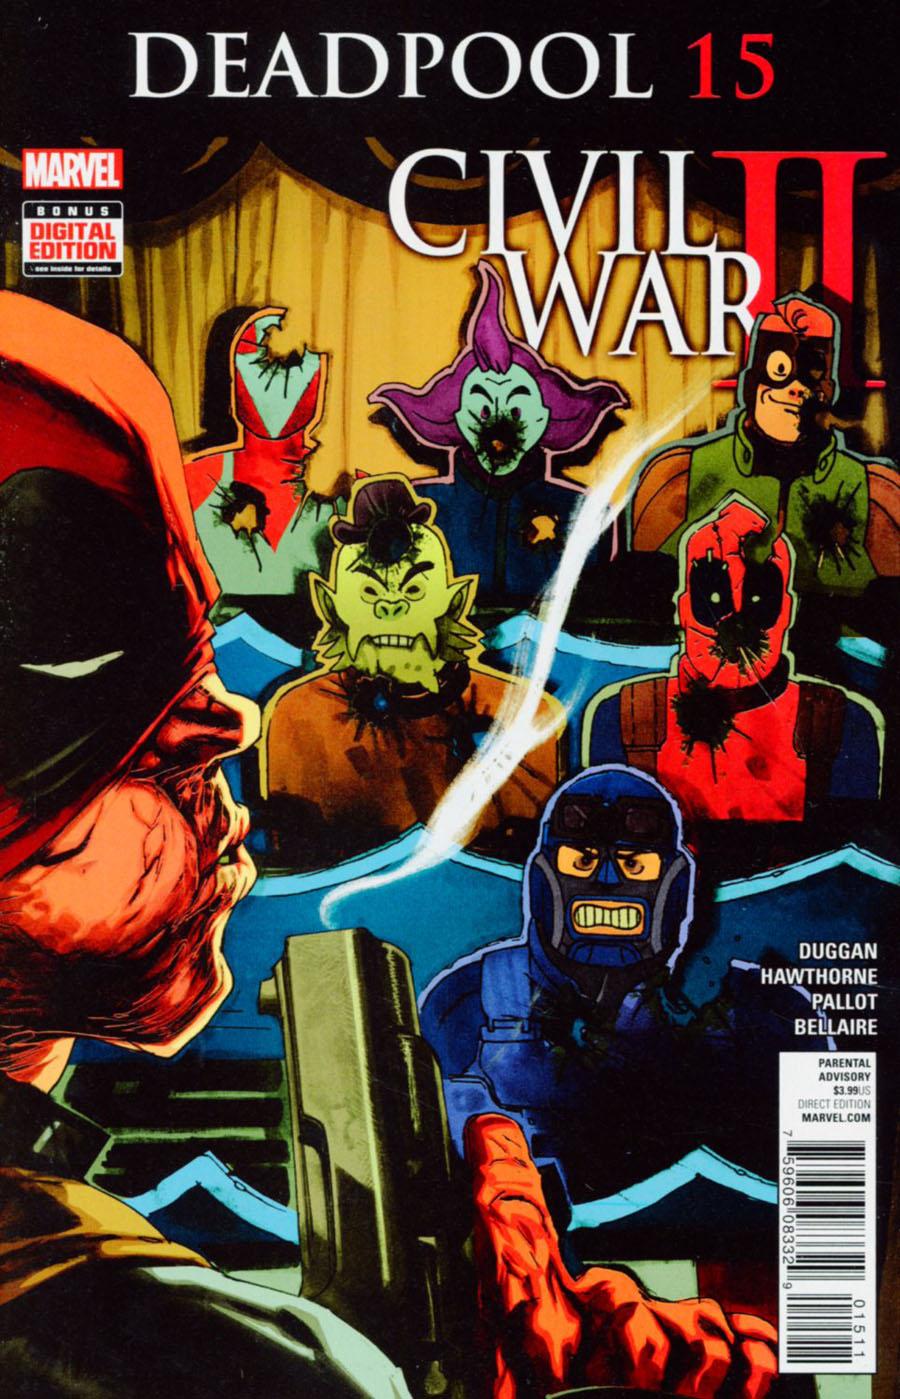 Deadpool Vol 5 #15 Cover A Regular Rafael Albuquerque Cover (Civil War II Tie-In)